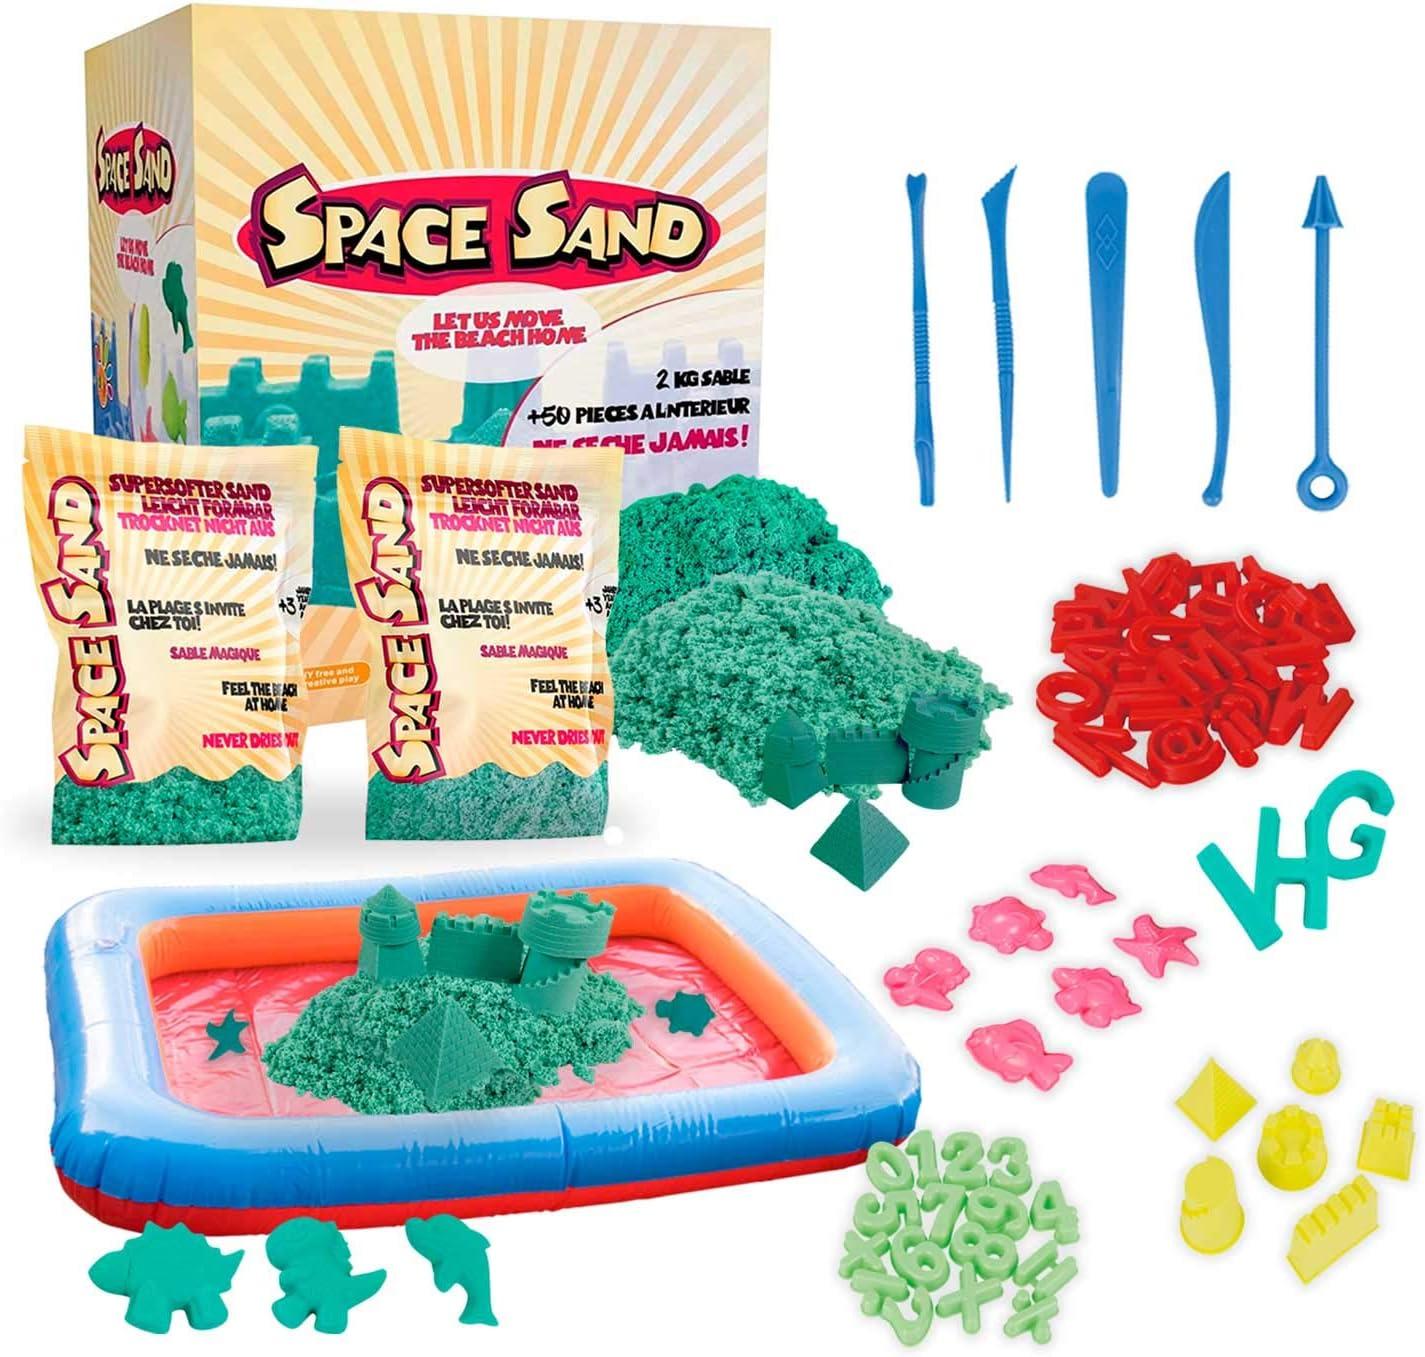 Space Sand 1.8 kg con 50 Piezas de Formas, números, Letras, Piezas de Castillos, Herramienta de Modelado, Arena mágica cinética, Probada por el TÜV (1.8kg Turquesa)